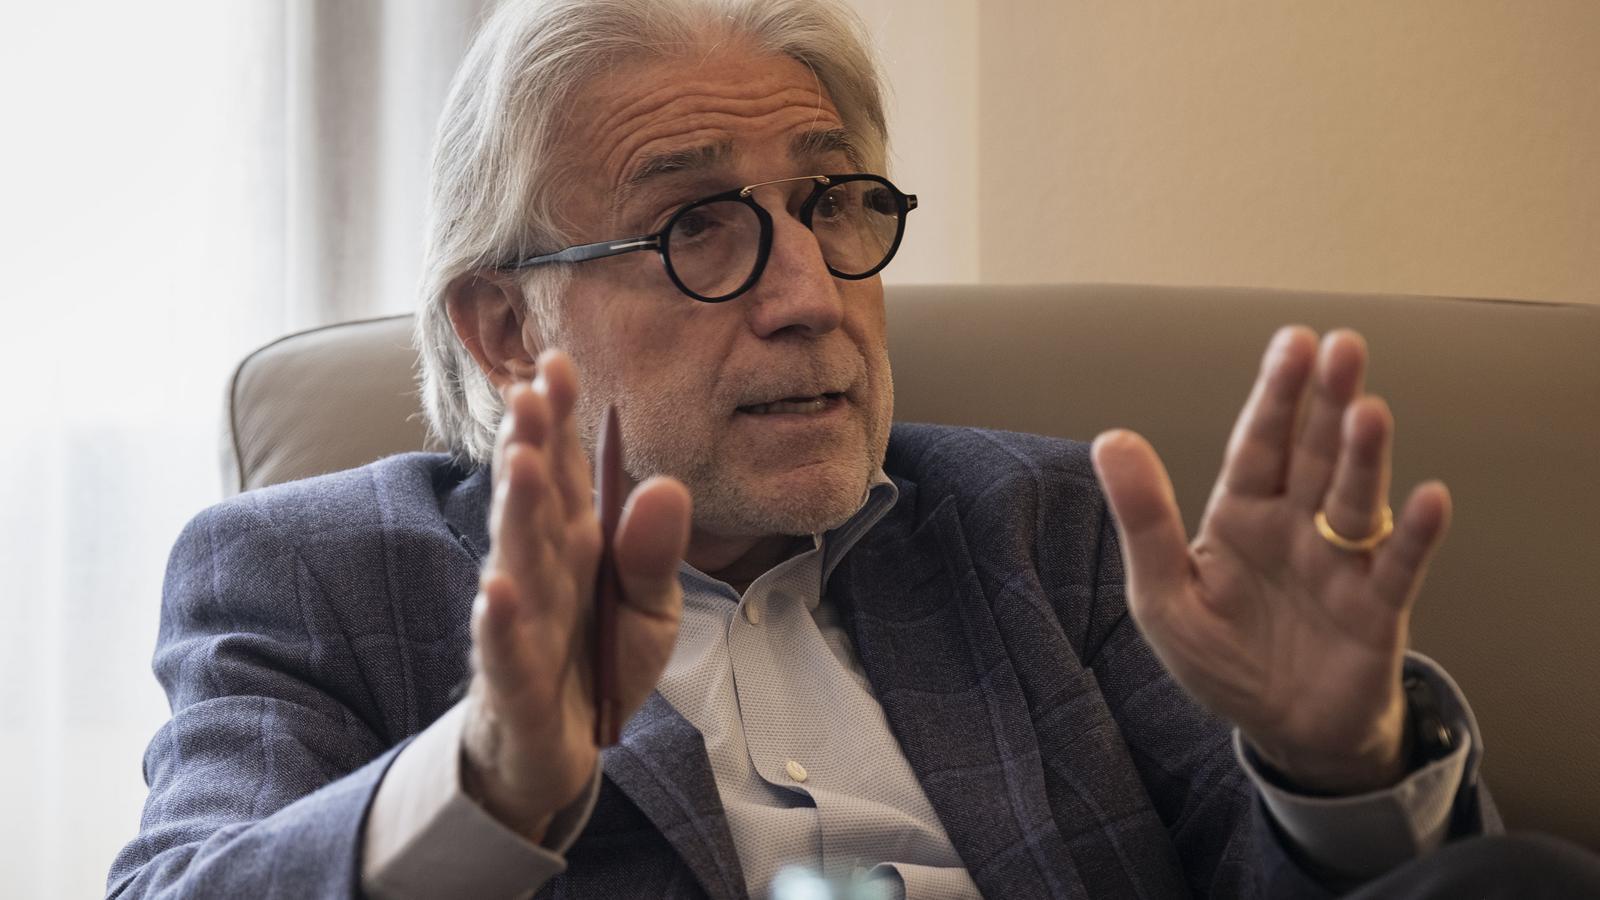 Josep Sánchez i Llibre, president del Foment del Treball